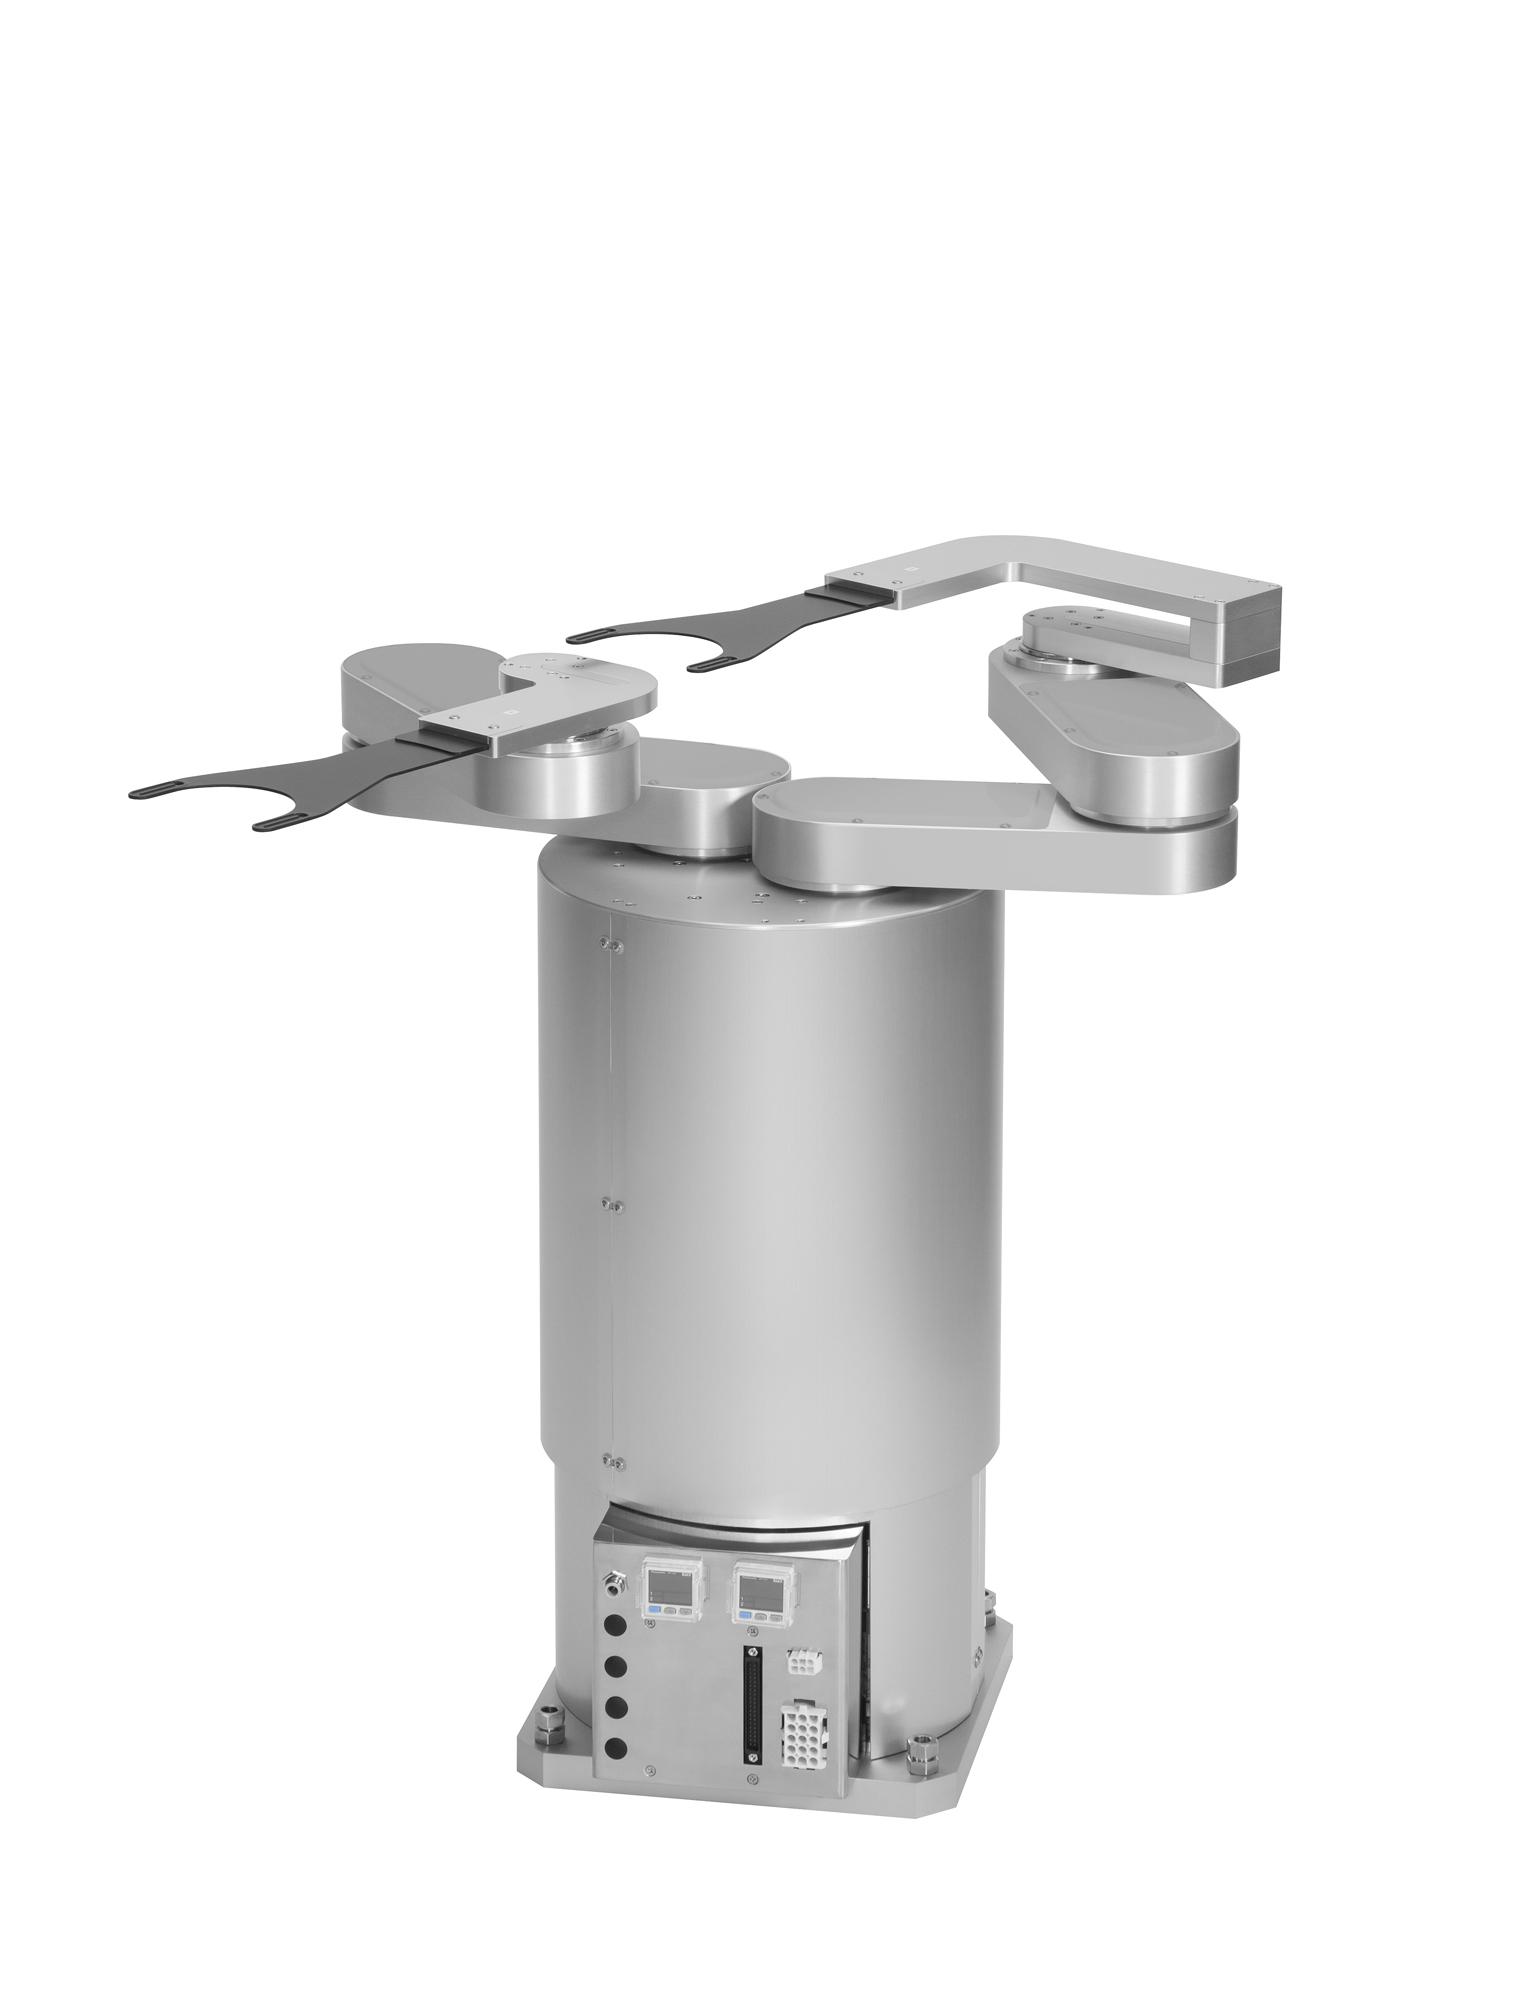 サーボモーター仕様大気用クリーンロボット